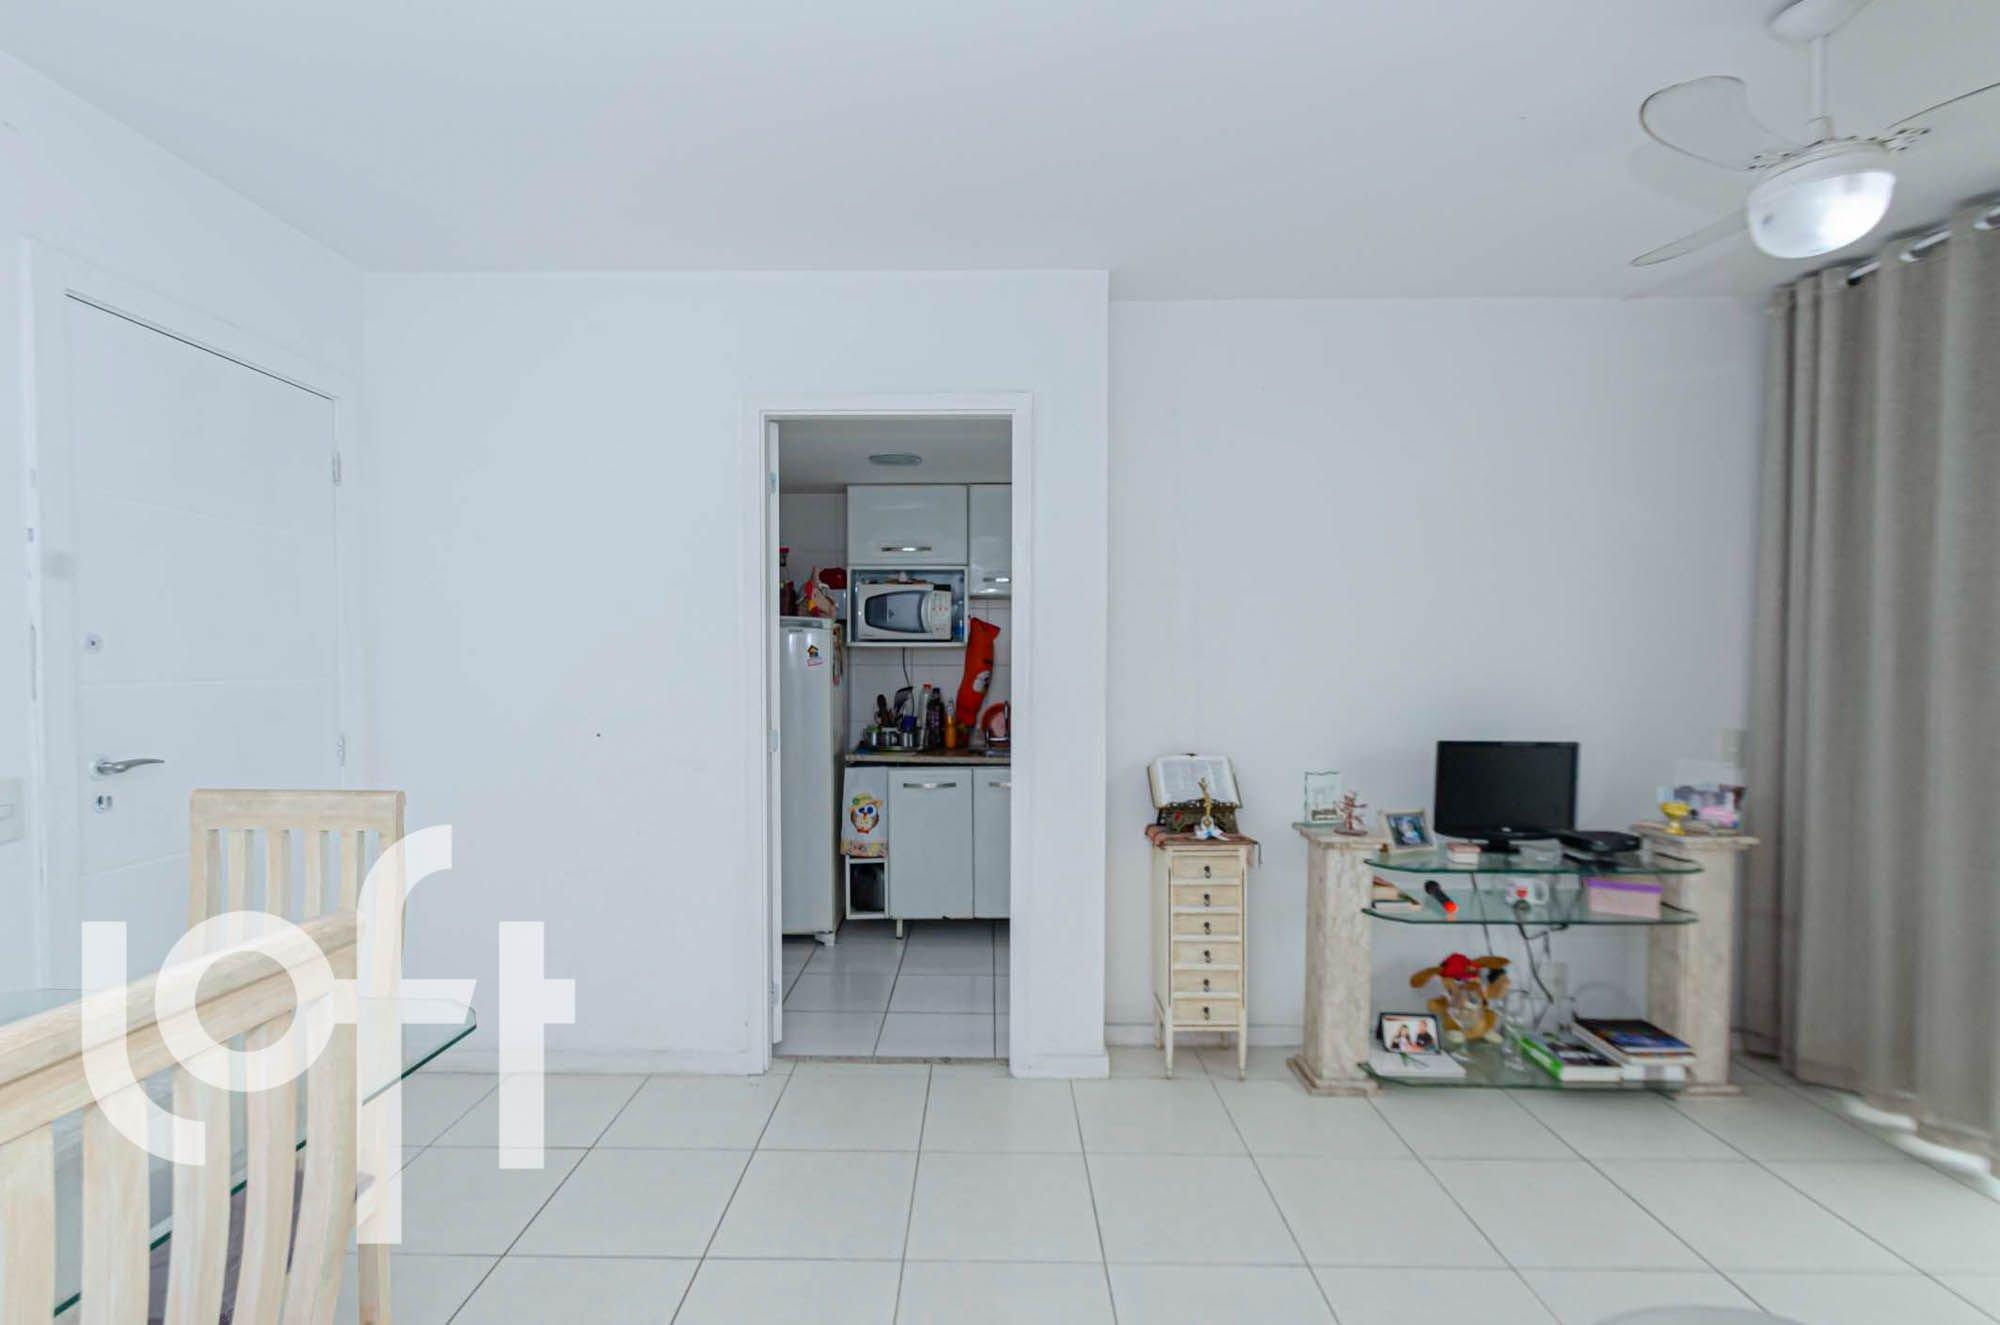 Foto de Sala com televisão, garrafa, geladeira, livro